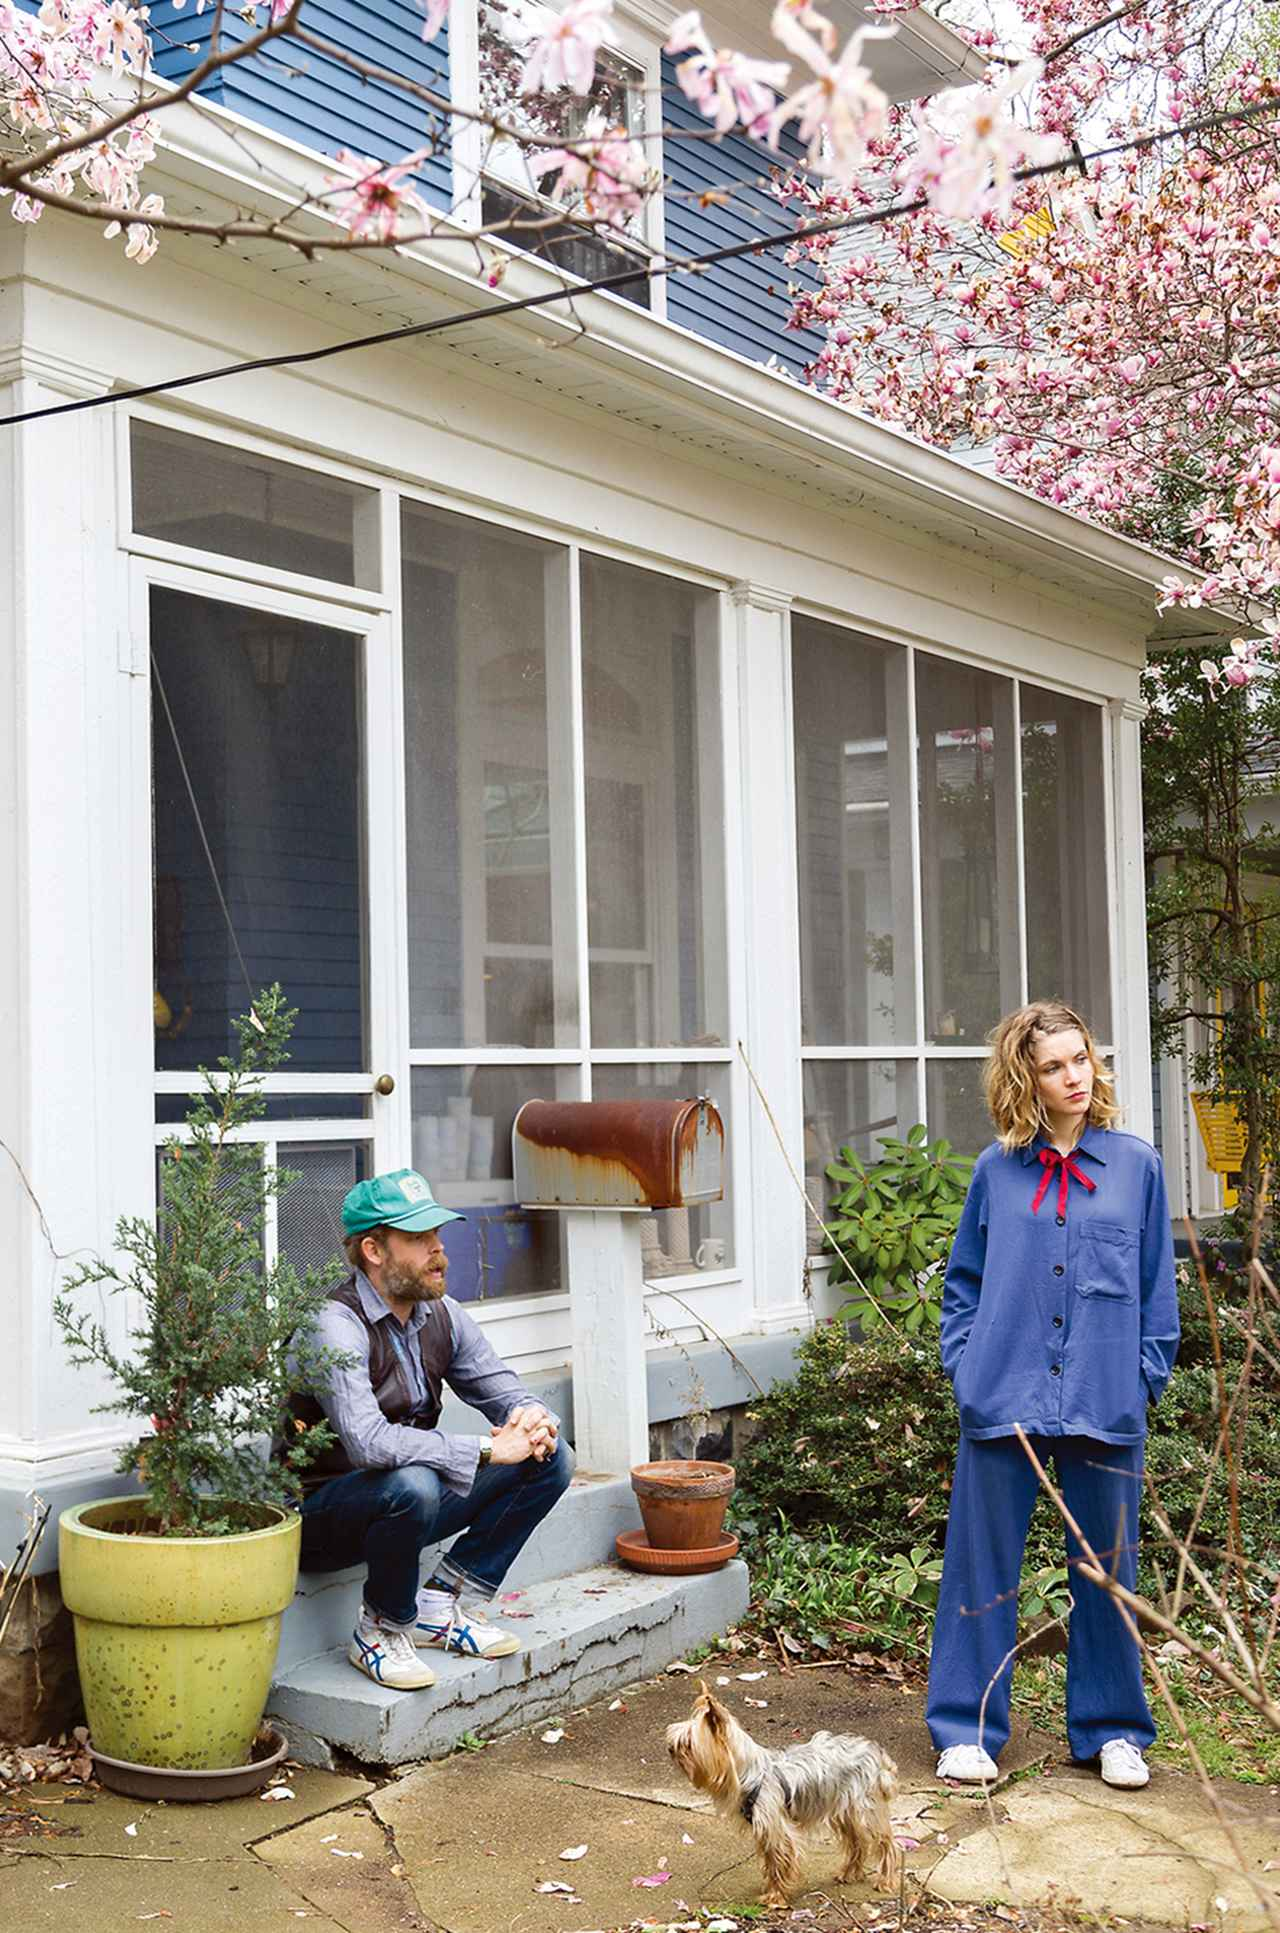 """Images : 4番目の画像 - 「今、注目されている""""刺繍""""アート。 新進作家エルサ・ハンセン・オールダムの魅力とは」のアルバム - T JAPAN:The New York Times Style Magazine 公式サイト"""